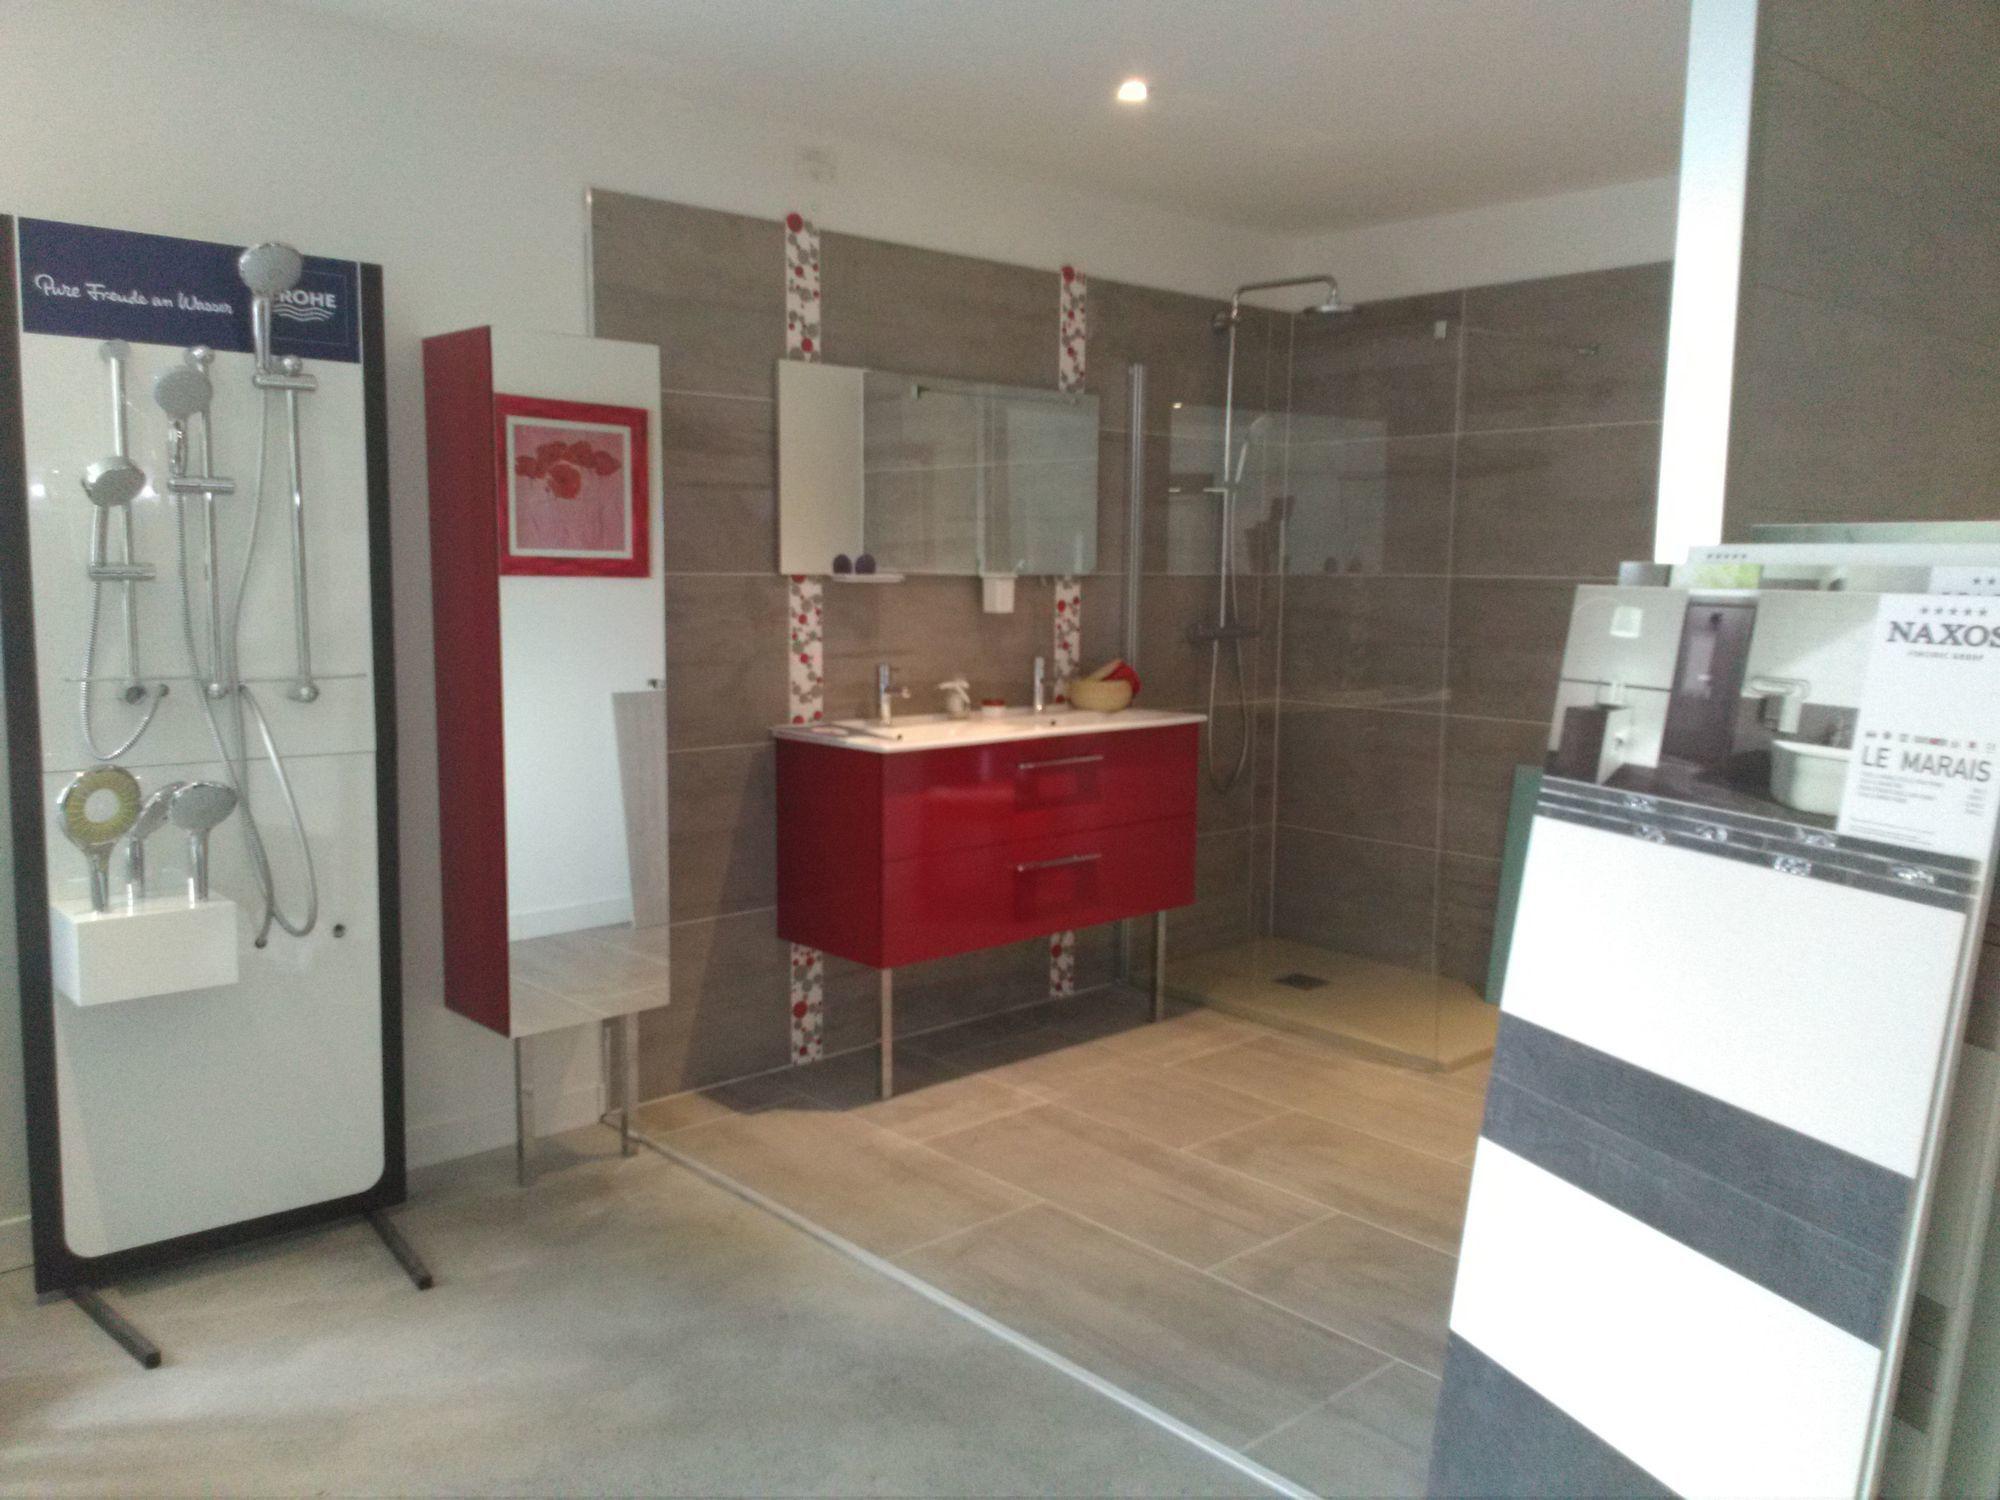 salle de bain bourges centre chauffage plomberie vier douche 18. Black Bedroom Furniture Sets. Home Design Ideas